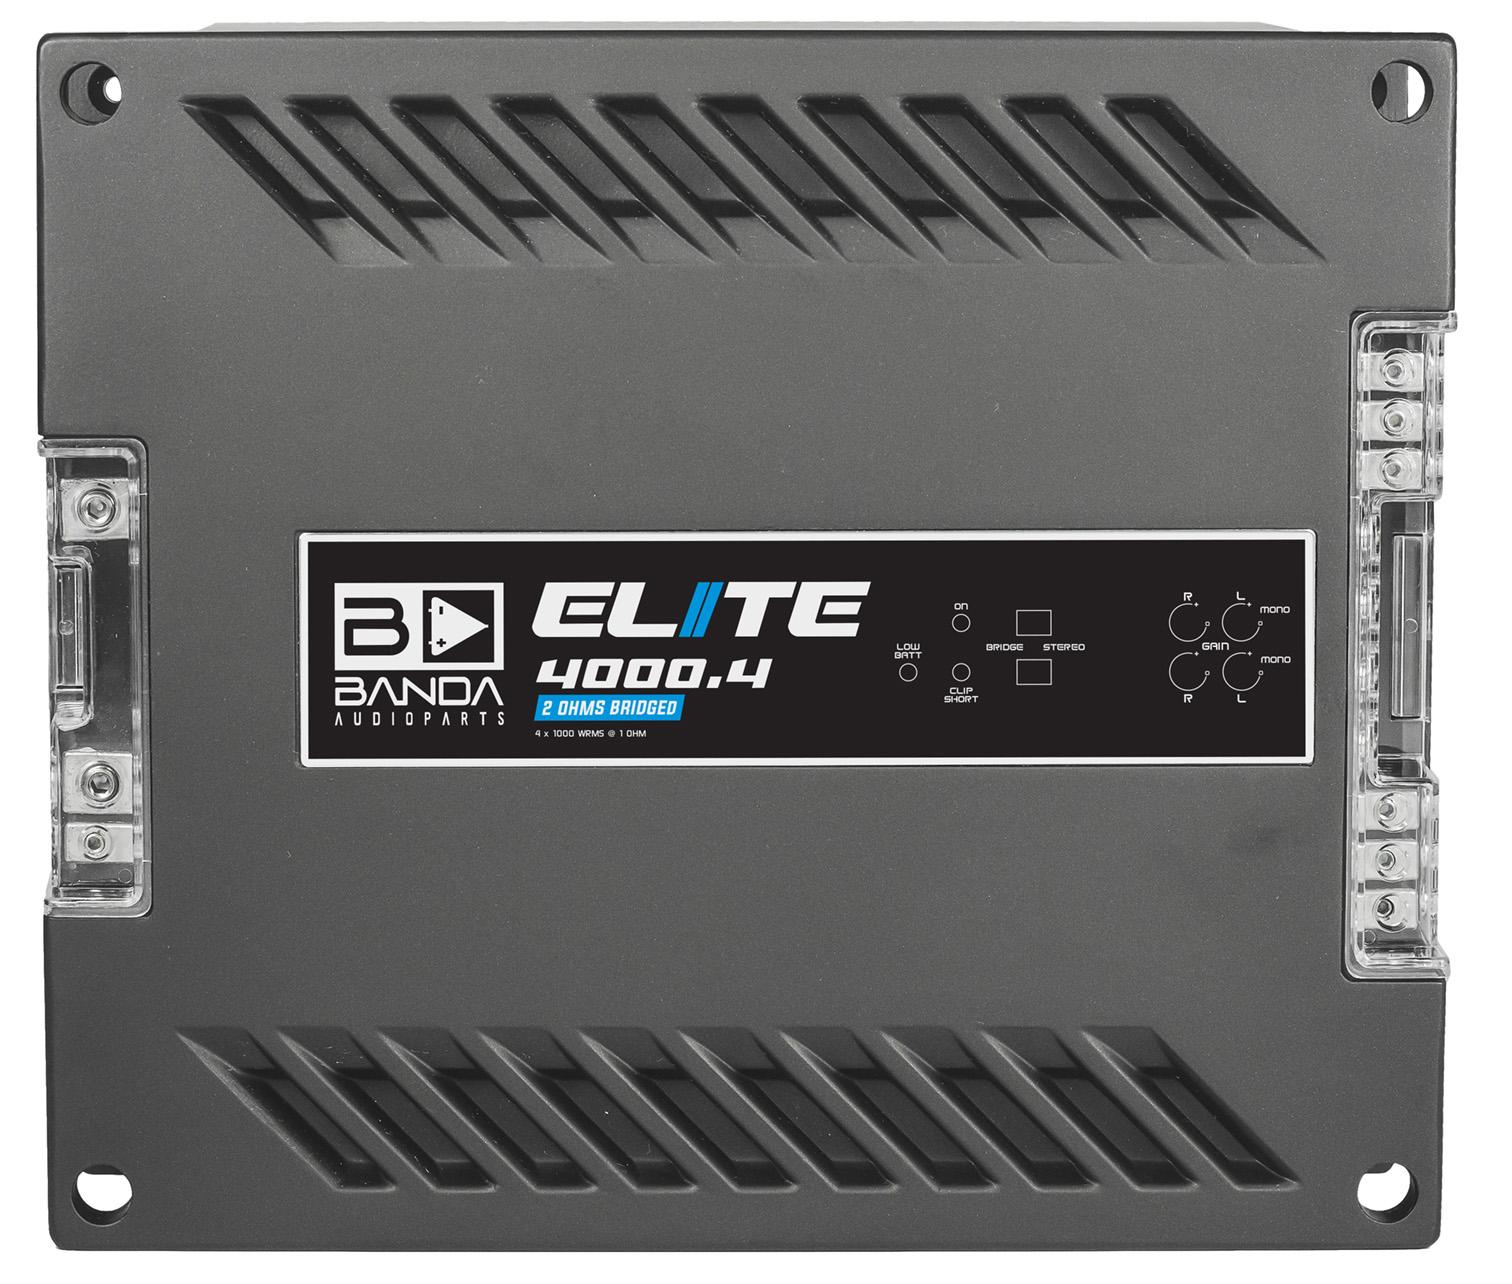 elite-4000.4-frontal-19 ELITE 4000.4